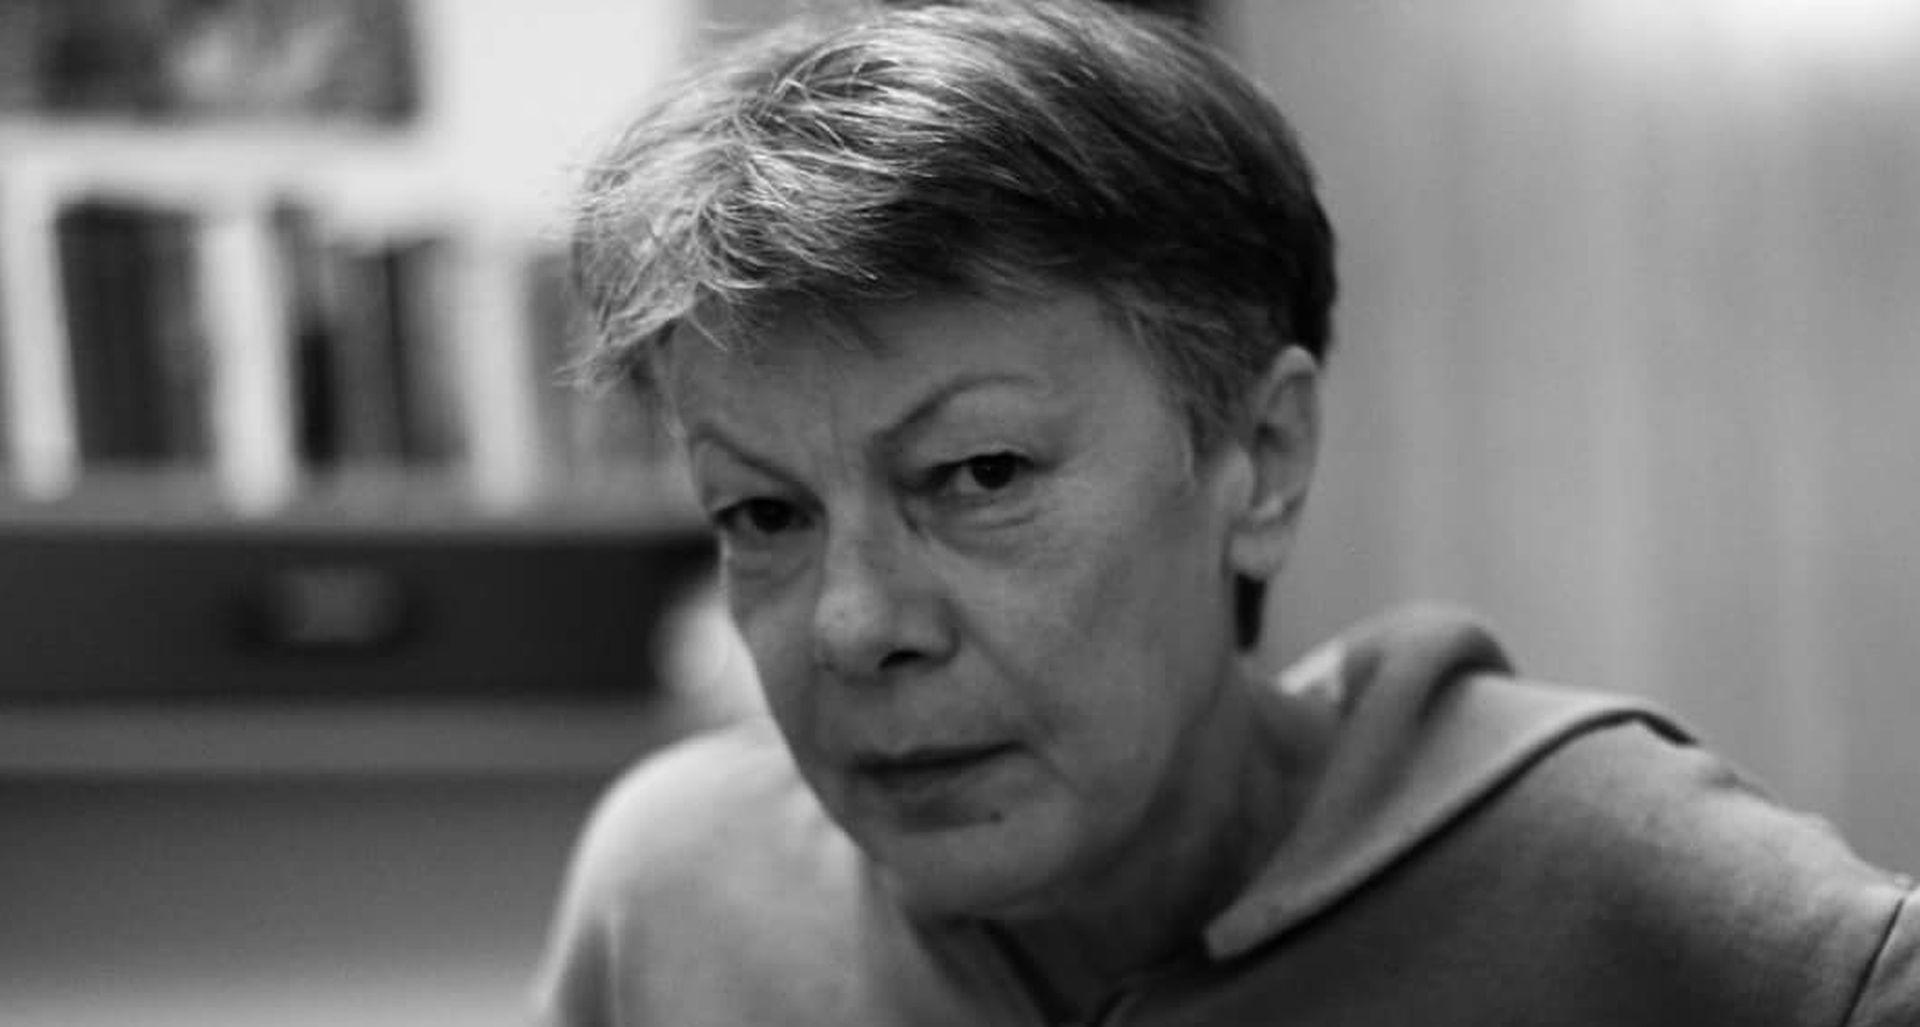 BRITKA, NEPOKOLEBLJIVA I NEUSTRAŠIVA Umrla Jasna Babić, nekadašnja vrsna novinarka Nacionala i brojnih redakcija